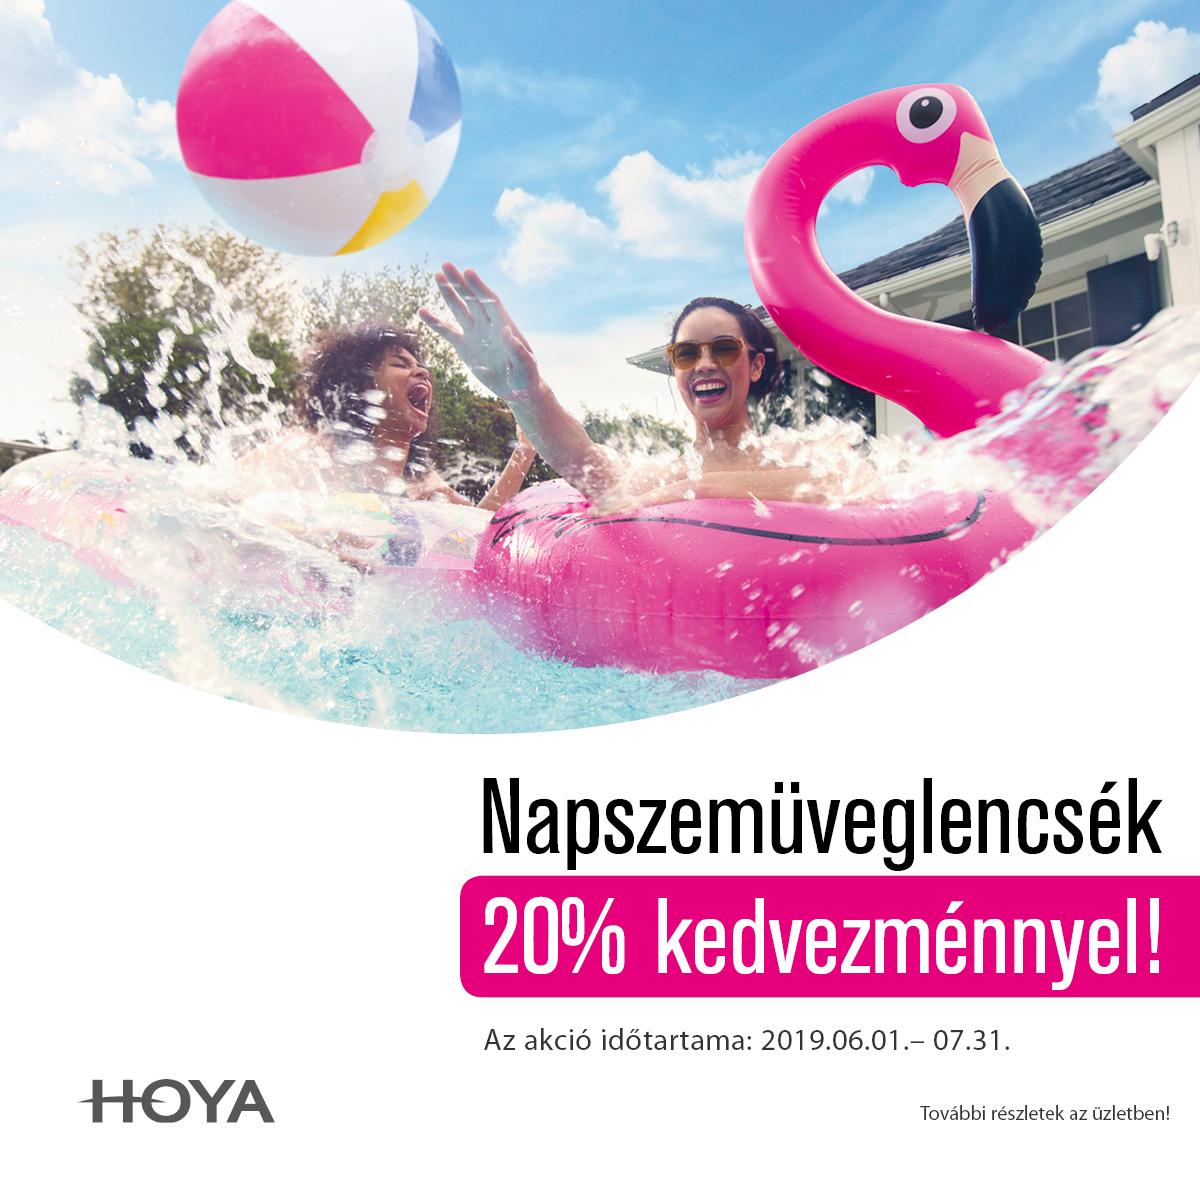 Hoya dioptriás napszemüveglencsék  20 % kedvezménnyel.